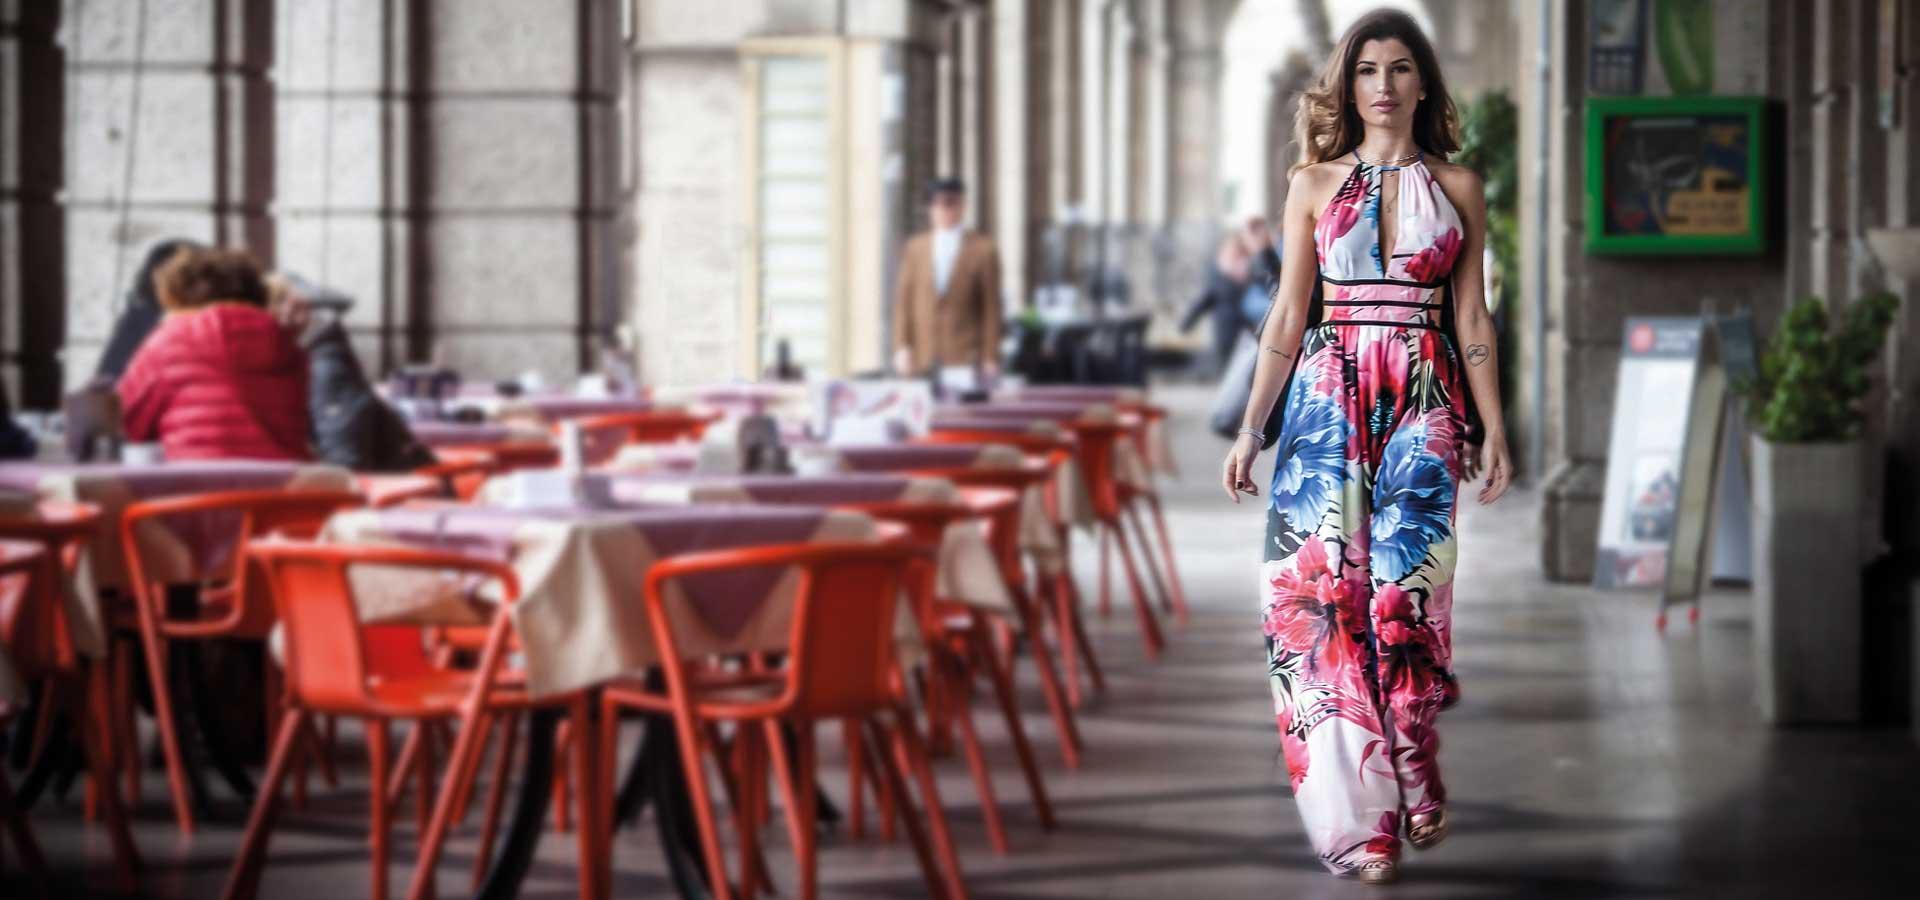 Antuofermo Abbigliamento Primavera estate 2019